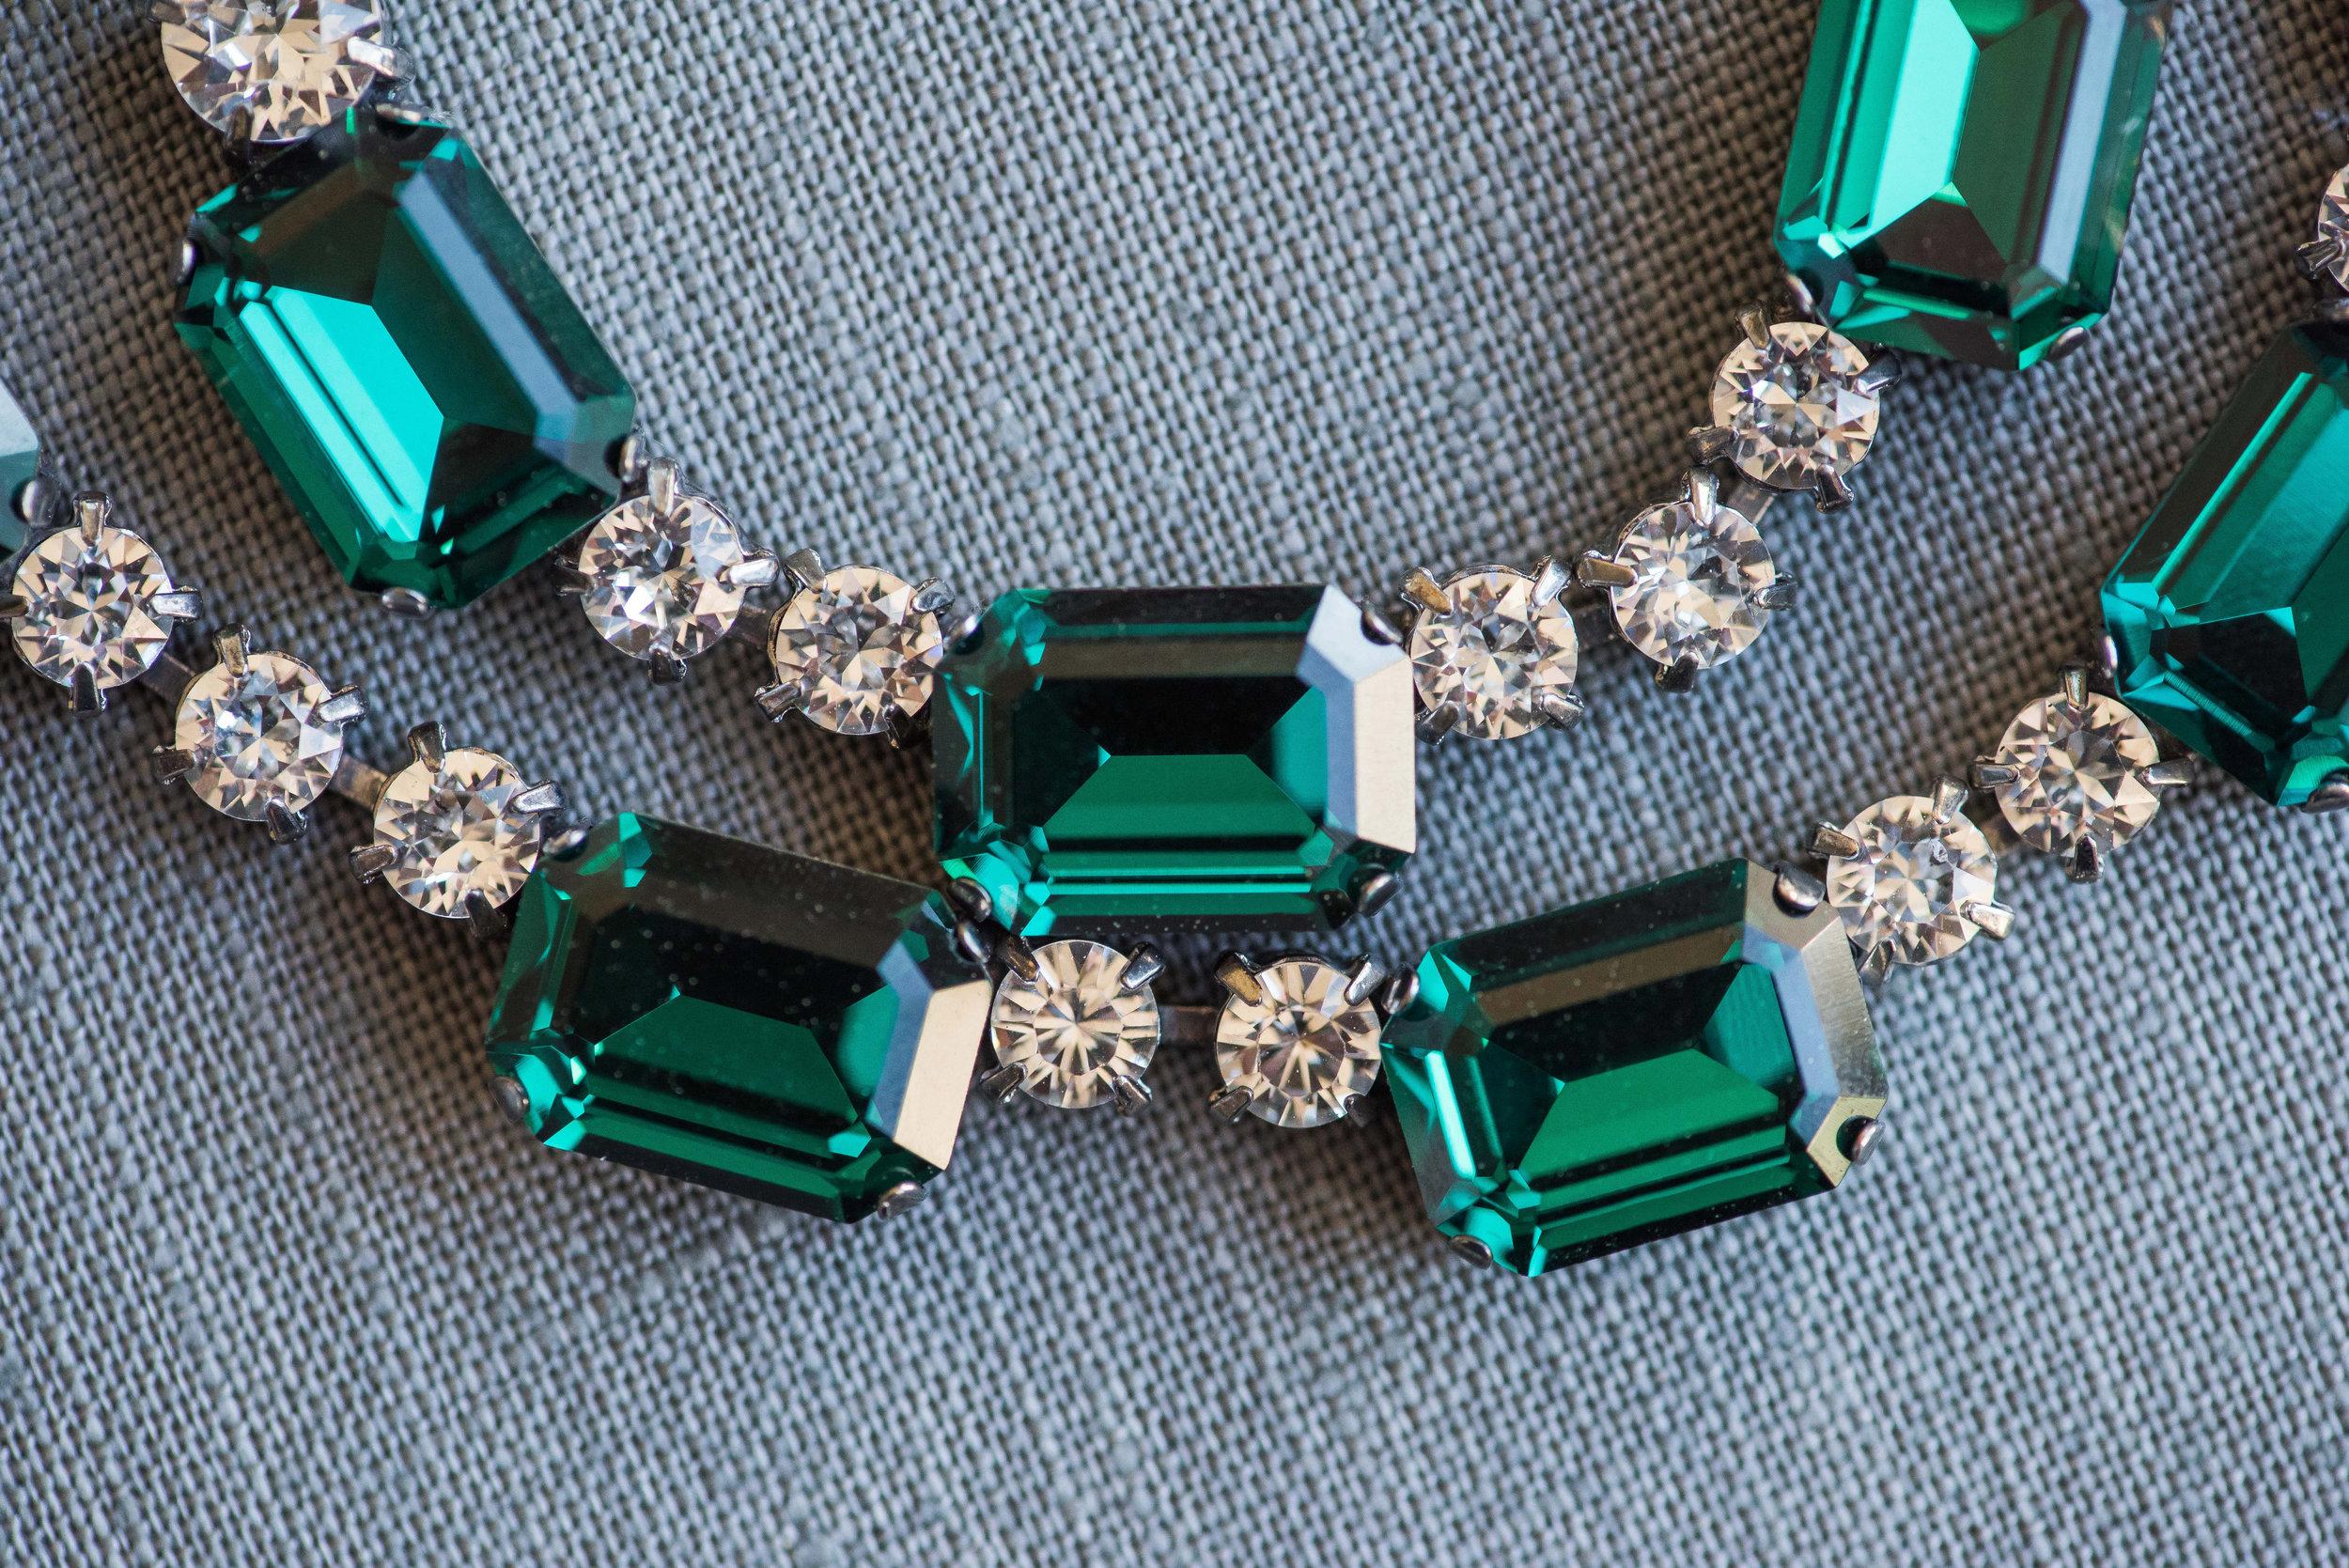 Emerald Green Jewelry by Elsa Corsi www.elsacorsi.com